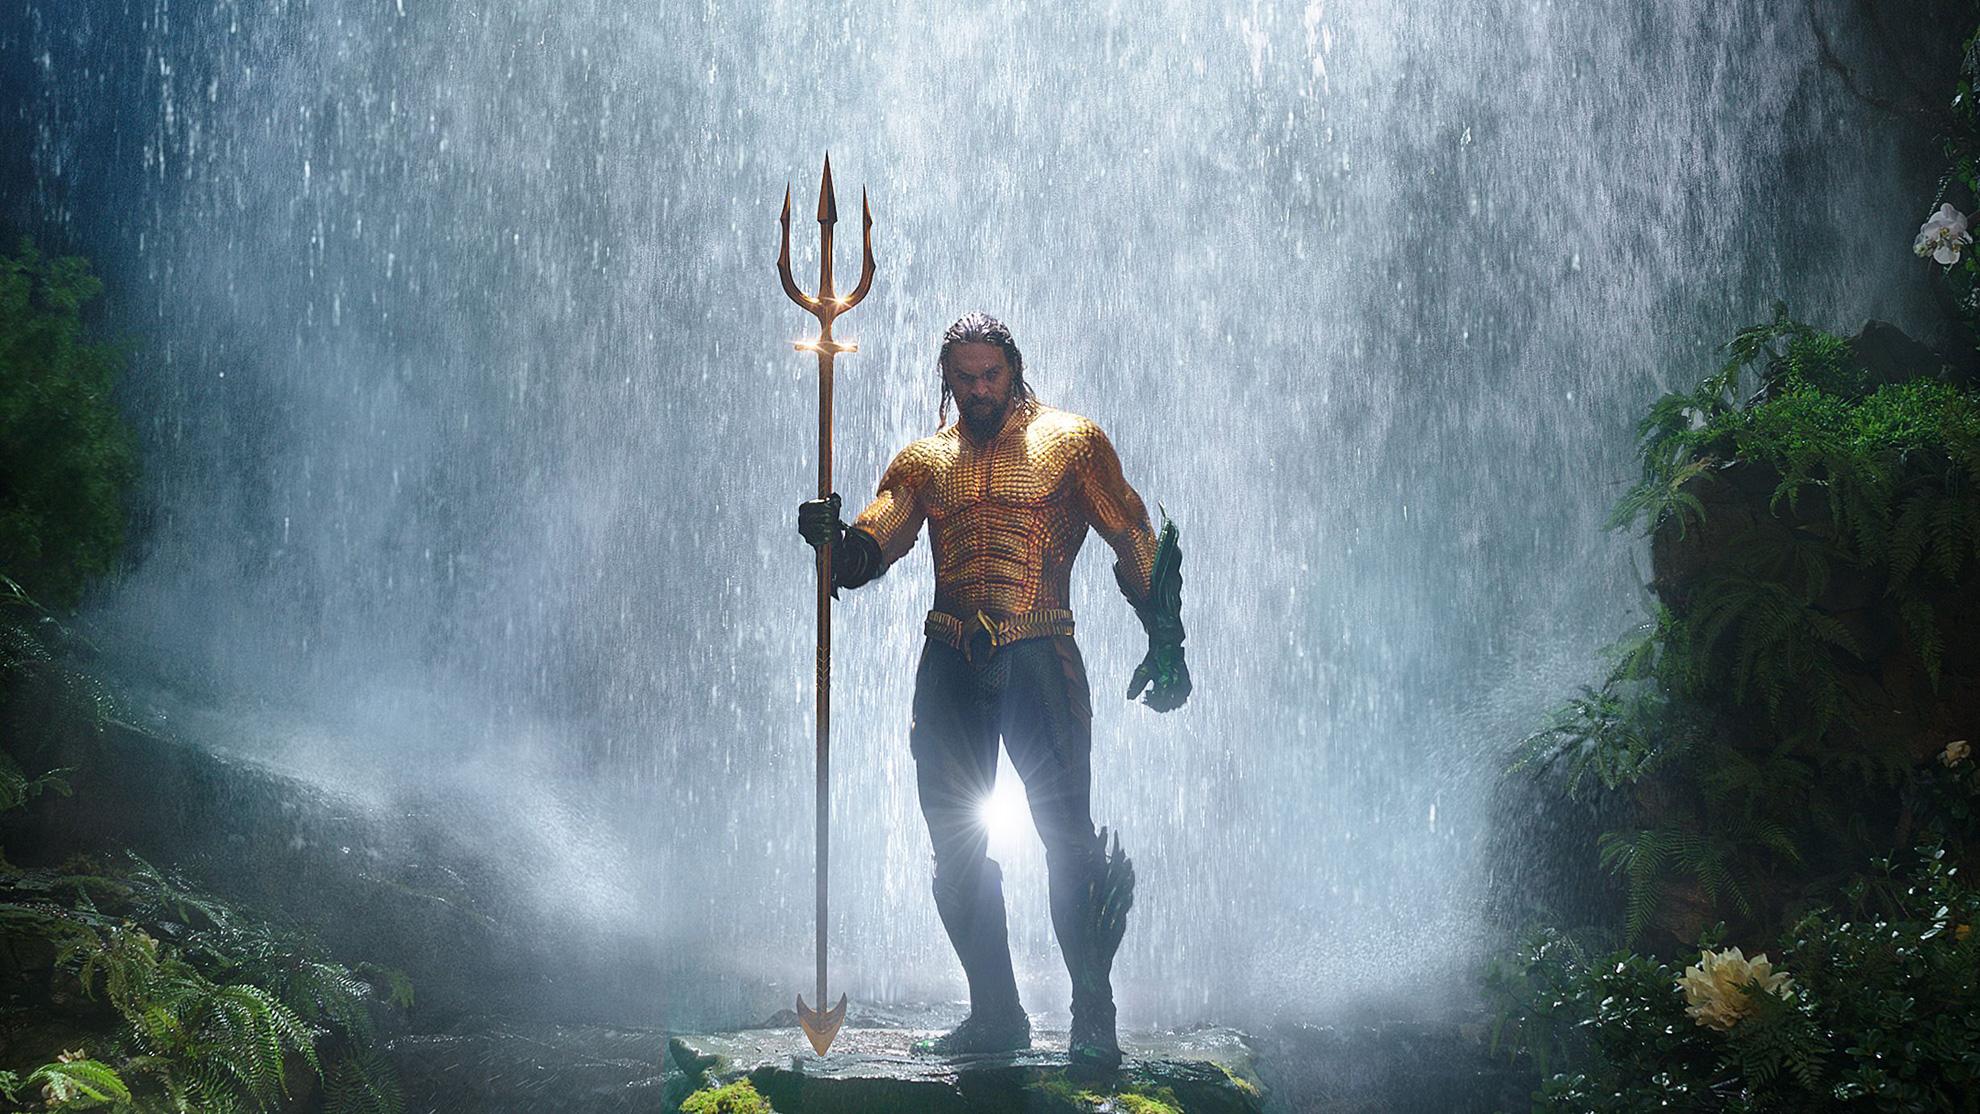 Fondos Aquaman 2018, Wallpapers Aquaman DC Comics